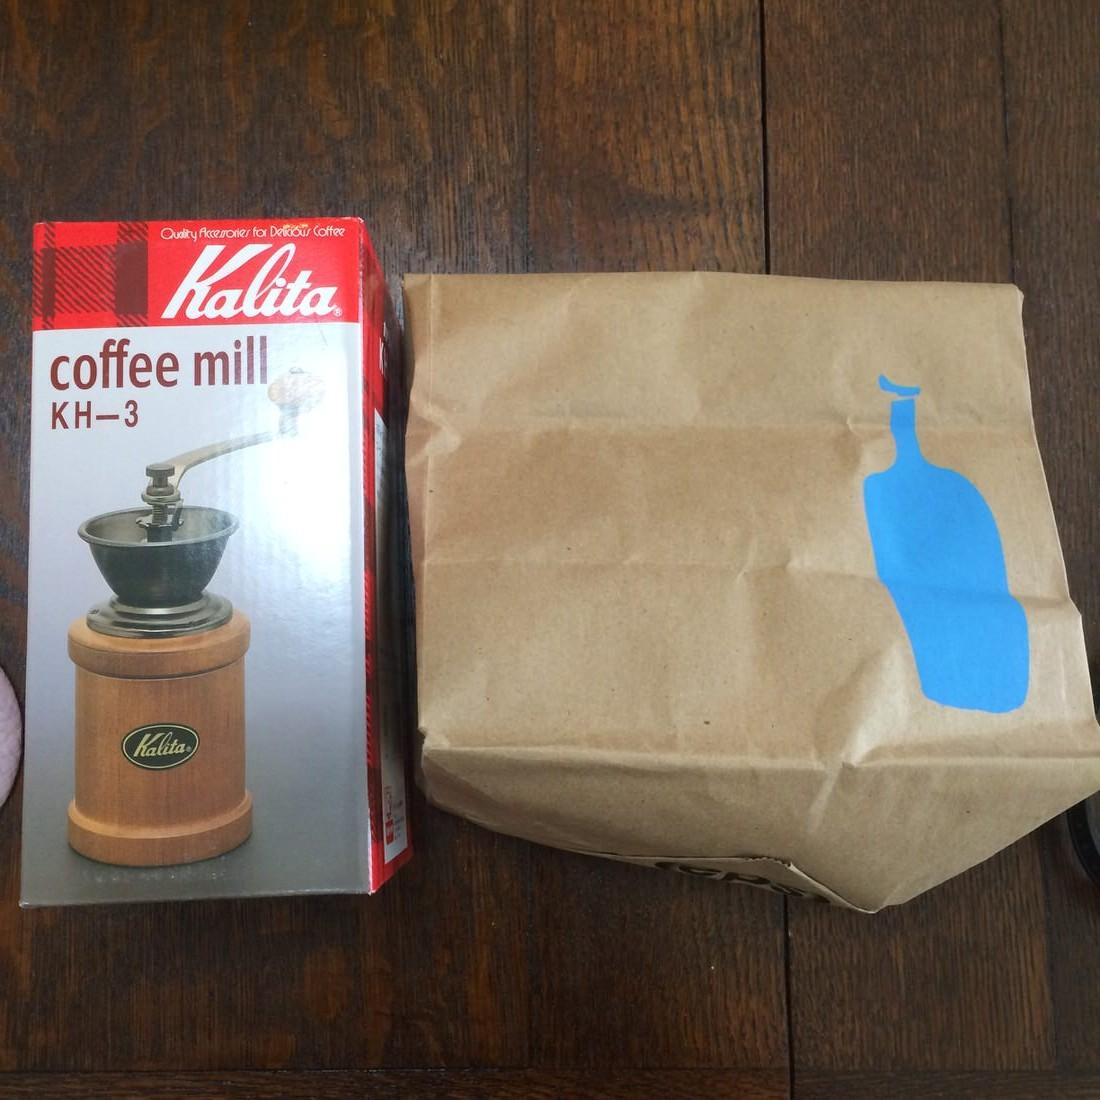 カリタのコーヒーミルを購入してブルーボトルコーヒーの豆を挽いてみました